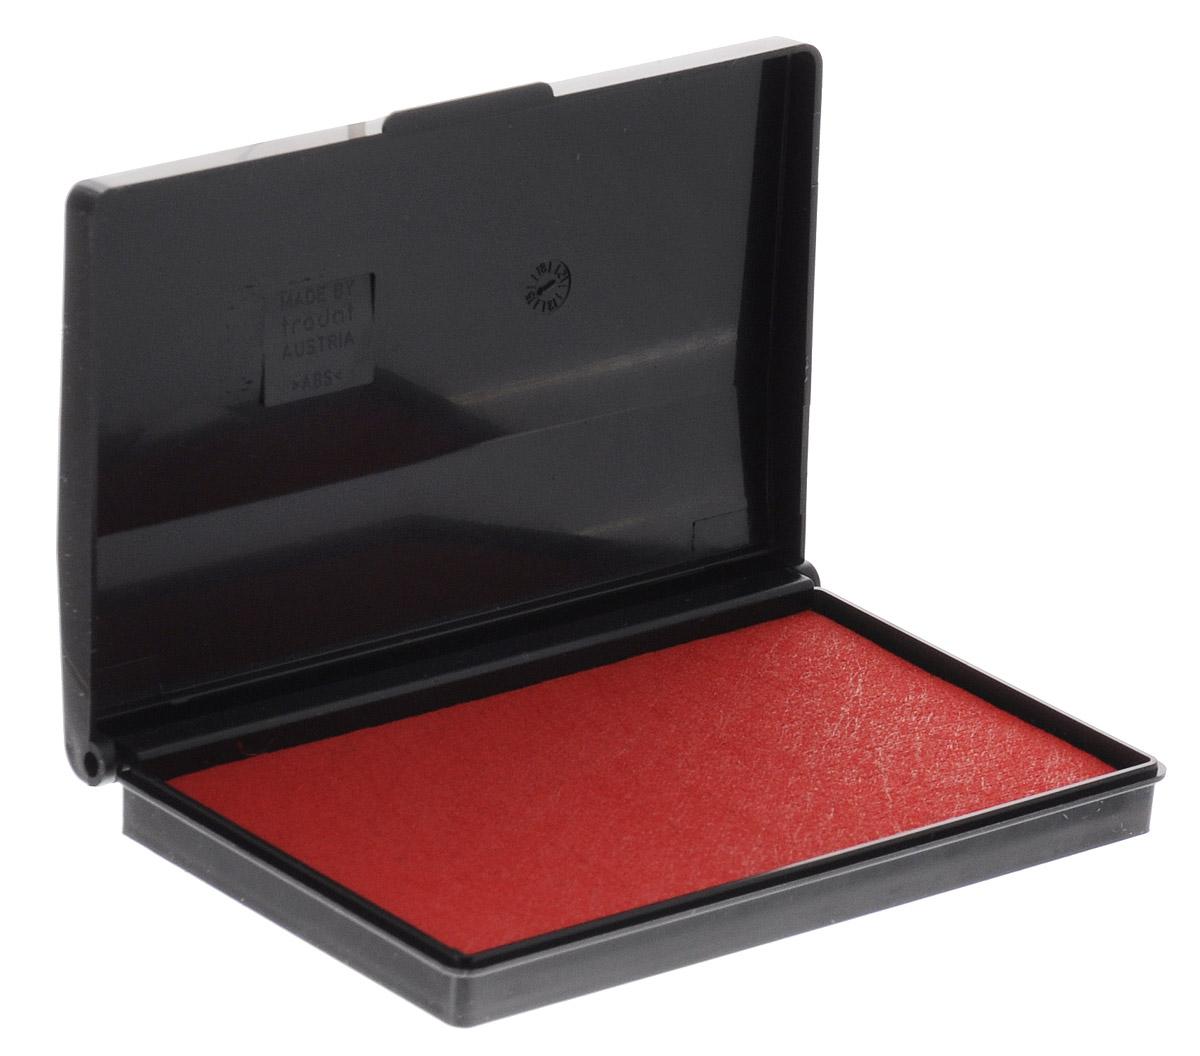 Trodat Штемпельная подушка цвет красный 9 х 5 см9051/ЧШтемпельная подушка Trodat станет незаменимым предметом в отделе кадров или в бухгалтерии любой компании.Настольная штемпельная подушка красного цвета в пластиковом корпусе имеет универсальный слой, который можно заправлять штемпельной краской как на водной, так и на спиртовой основе. Используется для окрашивания ручных штампов, изготовленных из резины и полимера. Не высыхает в открытом состоянии на протяжении длительного времени. Оттиск с краской на водной основе Trodat сохраняет первоначальный вид на протяжении десятилетий.Штемпельная подушка Trodat предназначена для ежедневного использования в офисе. Идеально подходит к самым разным требованиям в повседневной офисной жизни.